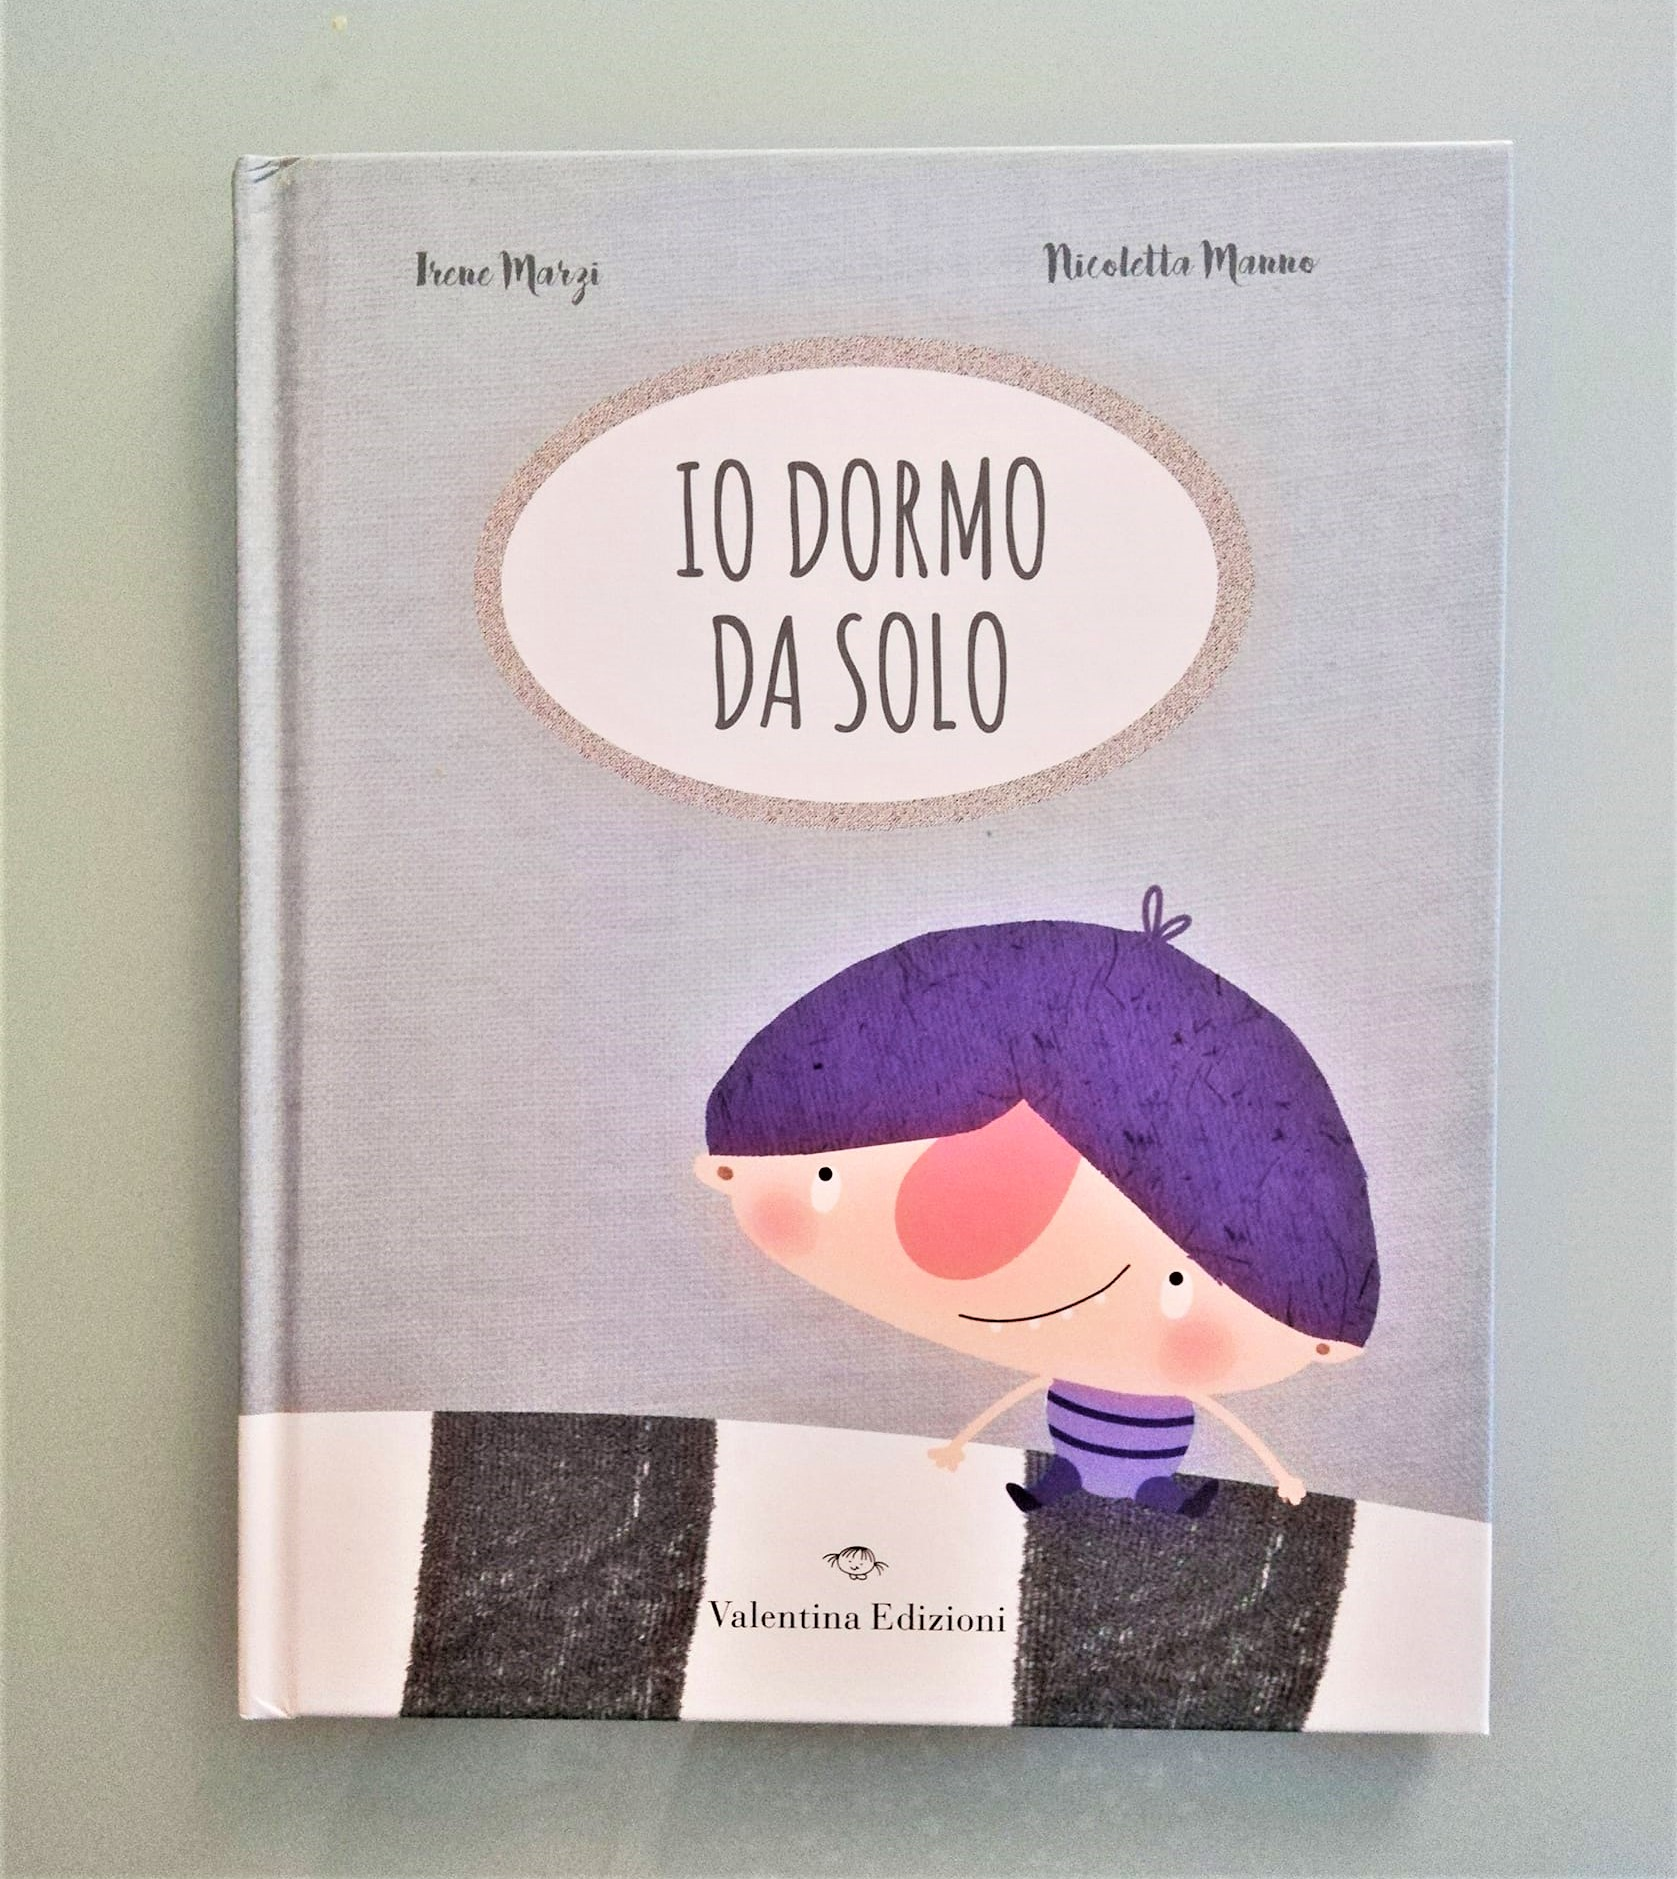 IO DORMO DA SOLO di Irene Marzi e Nicoletta Manno,  VALENTINA EDIZIONI